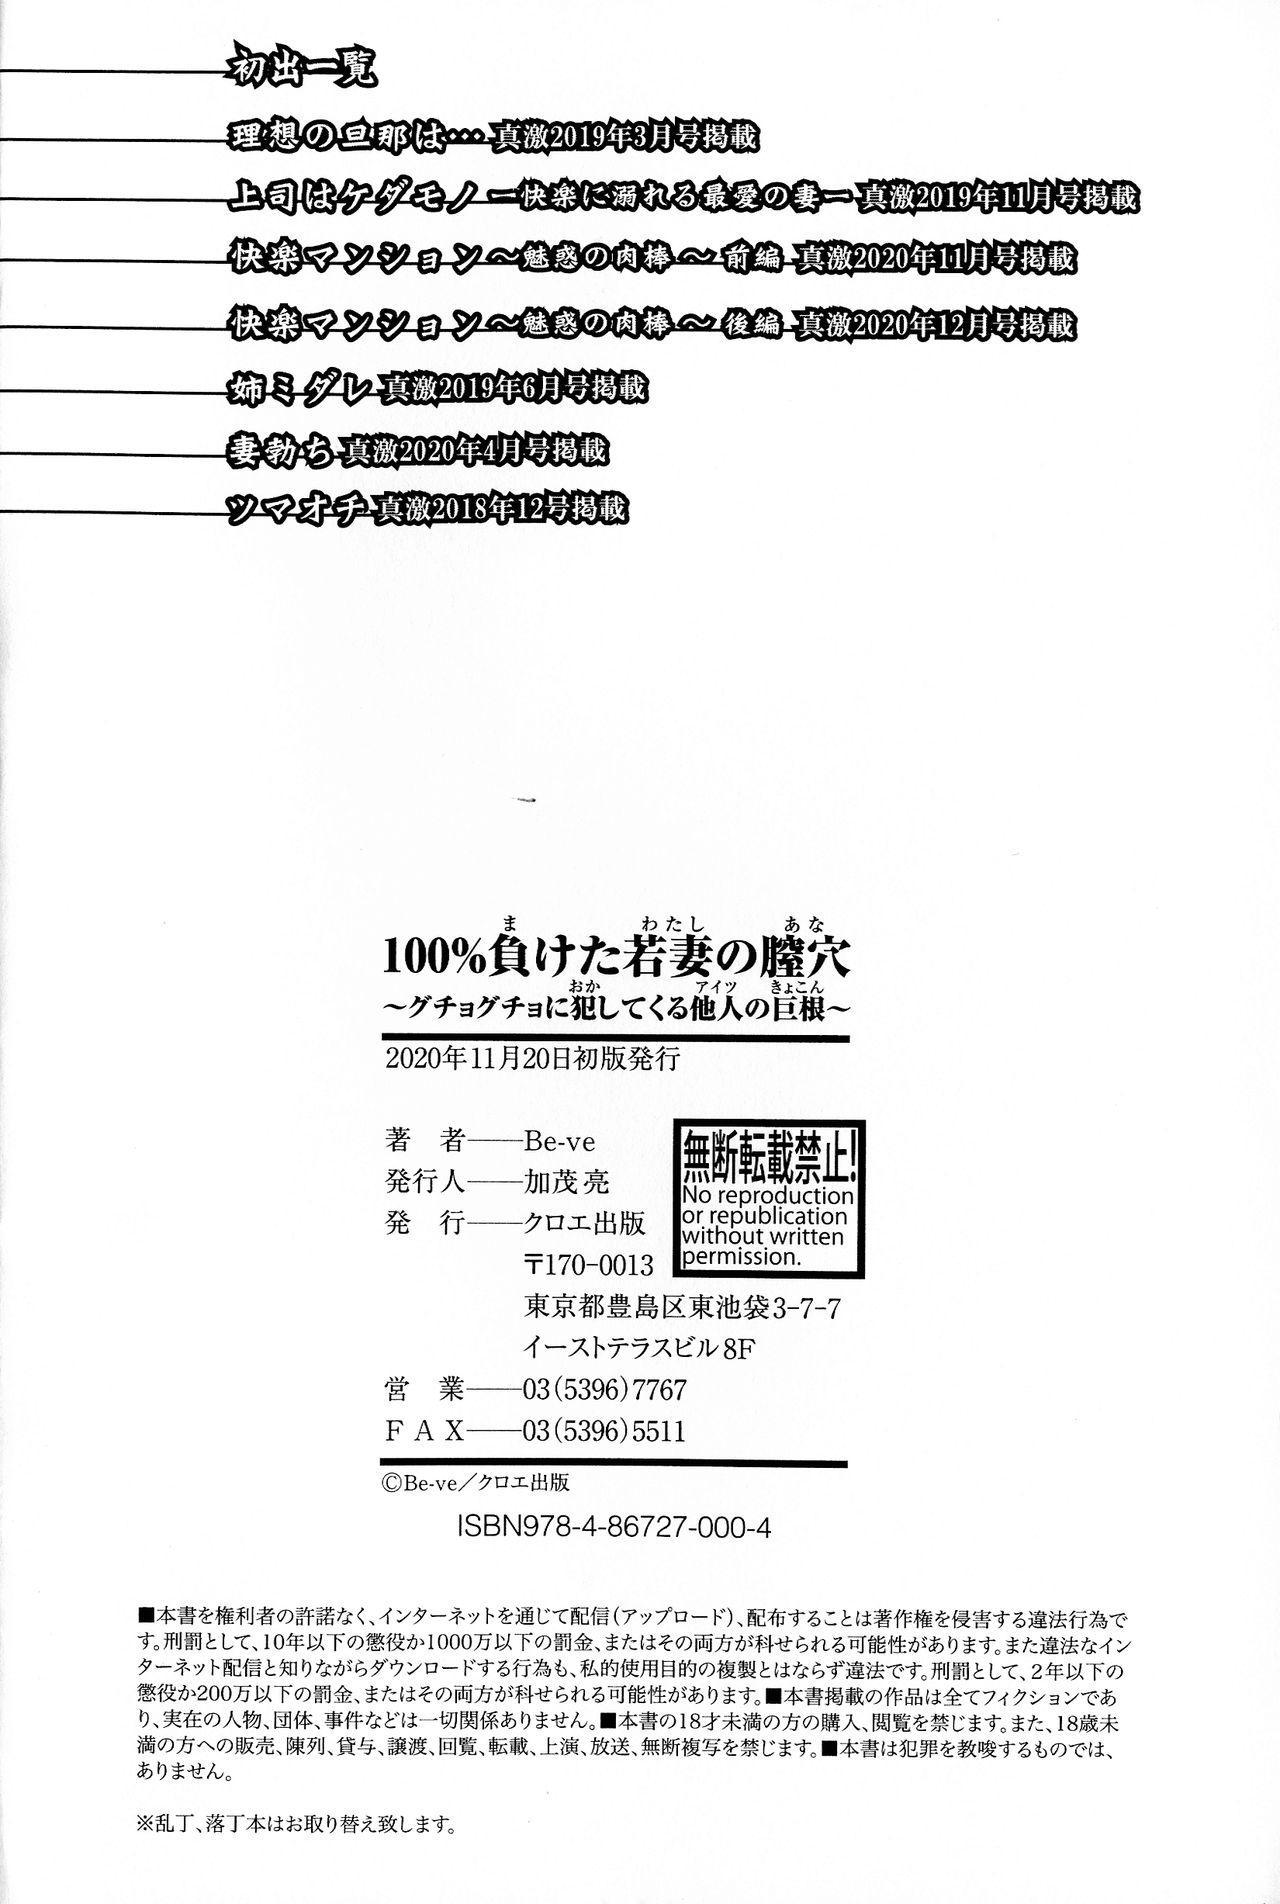 100% Maketa Watashi no Ana - Guchogucho ni Okashitekuru Aitsu no Kyokon 197